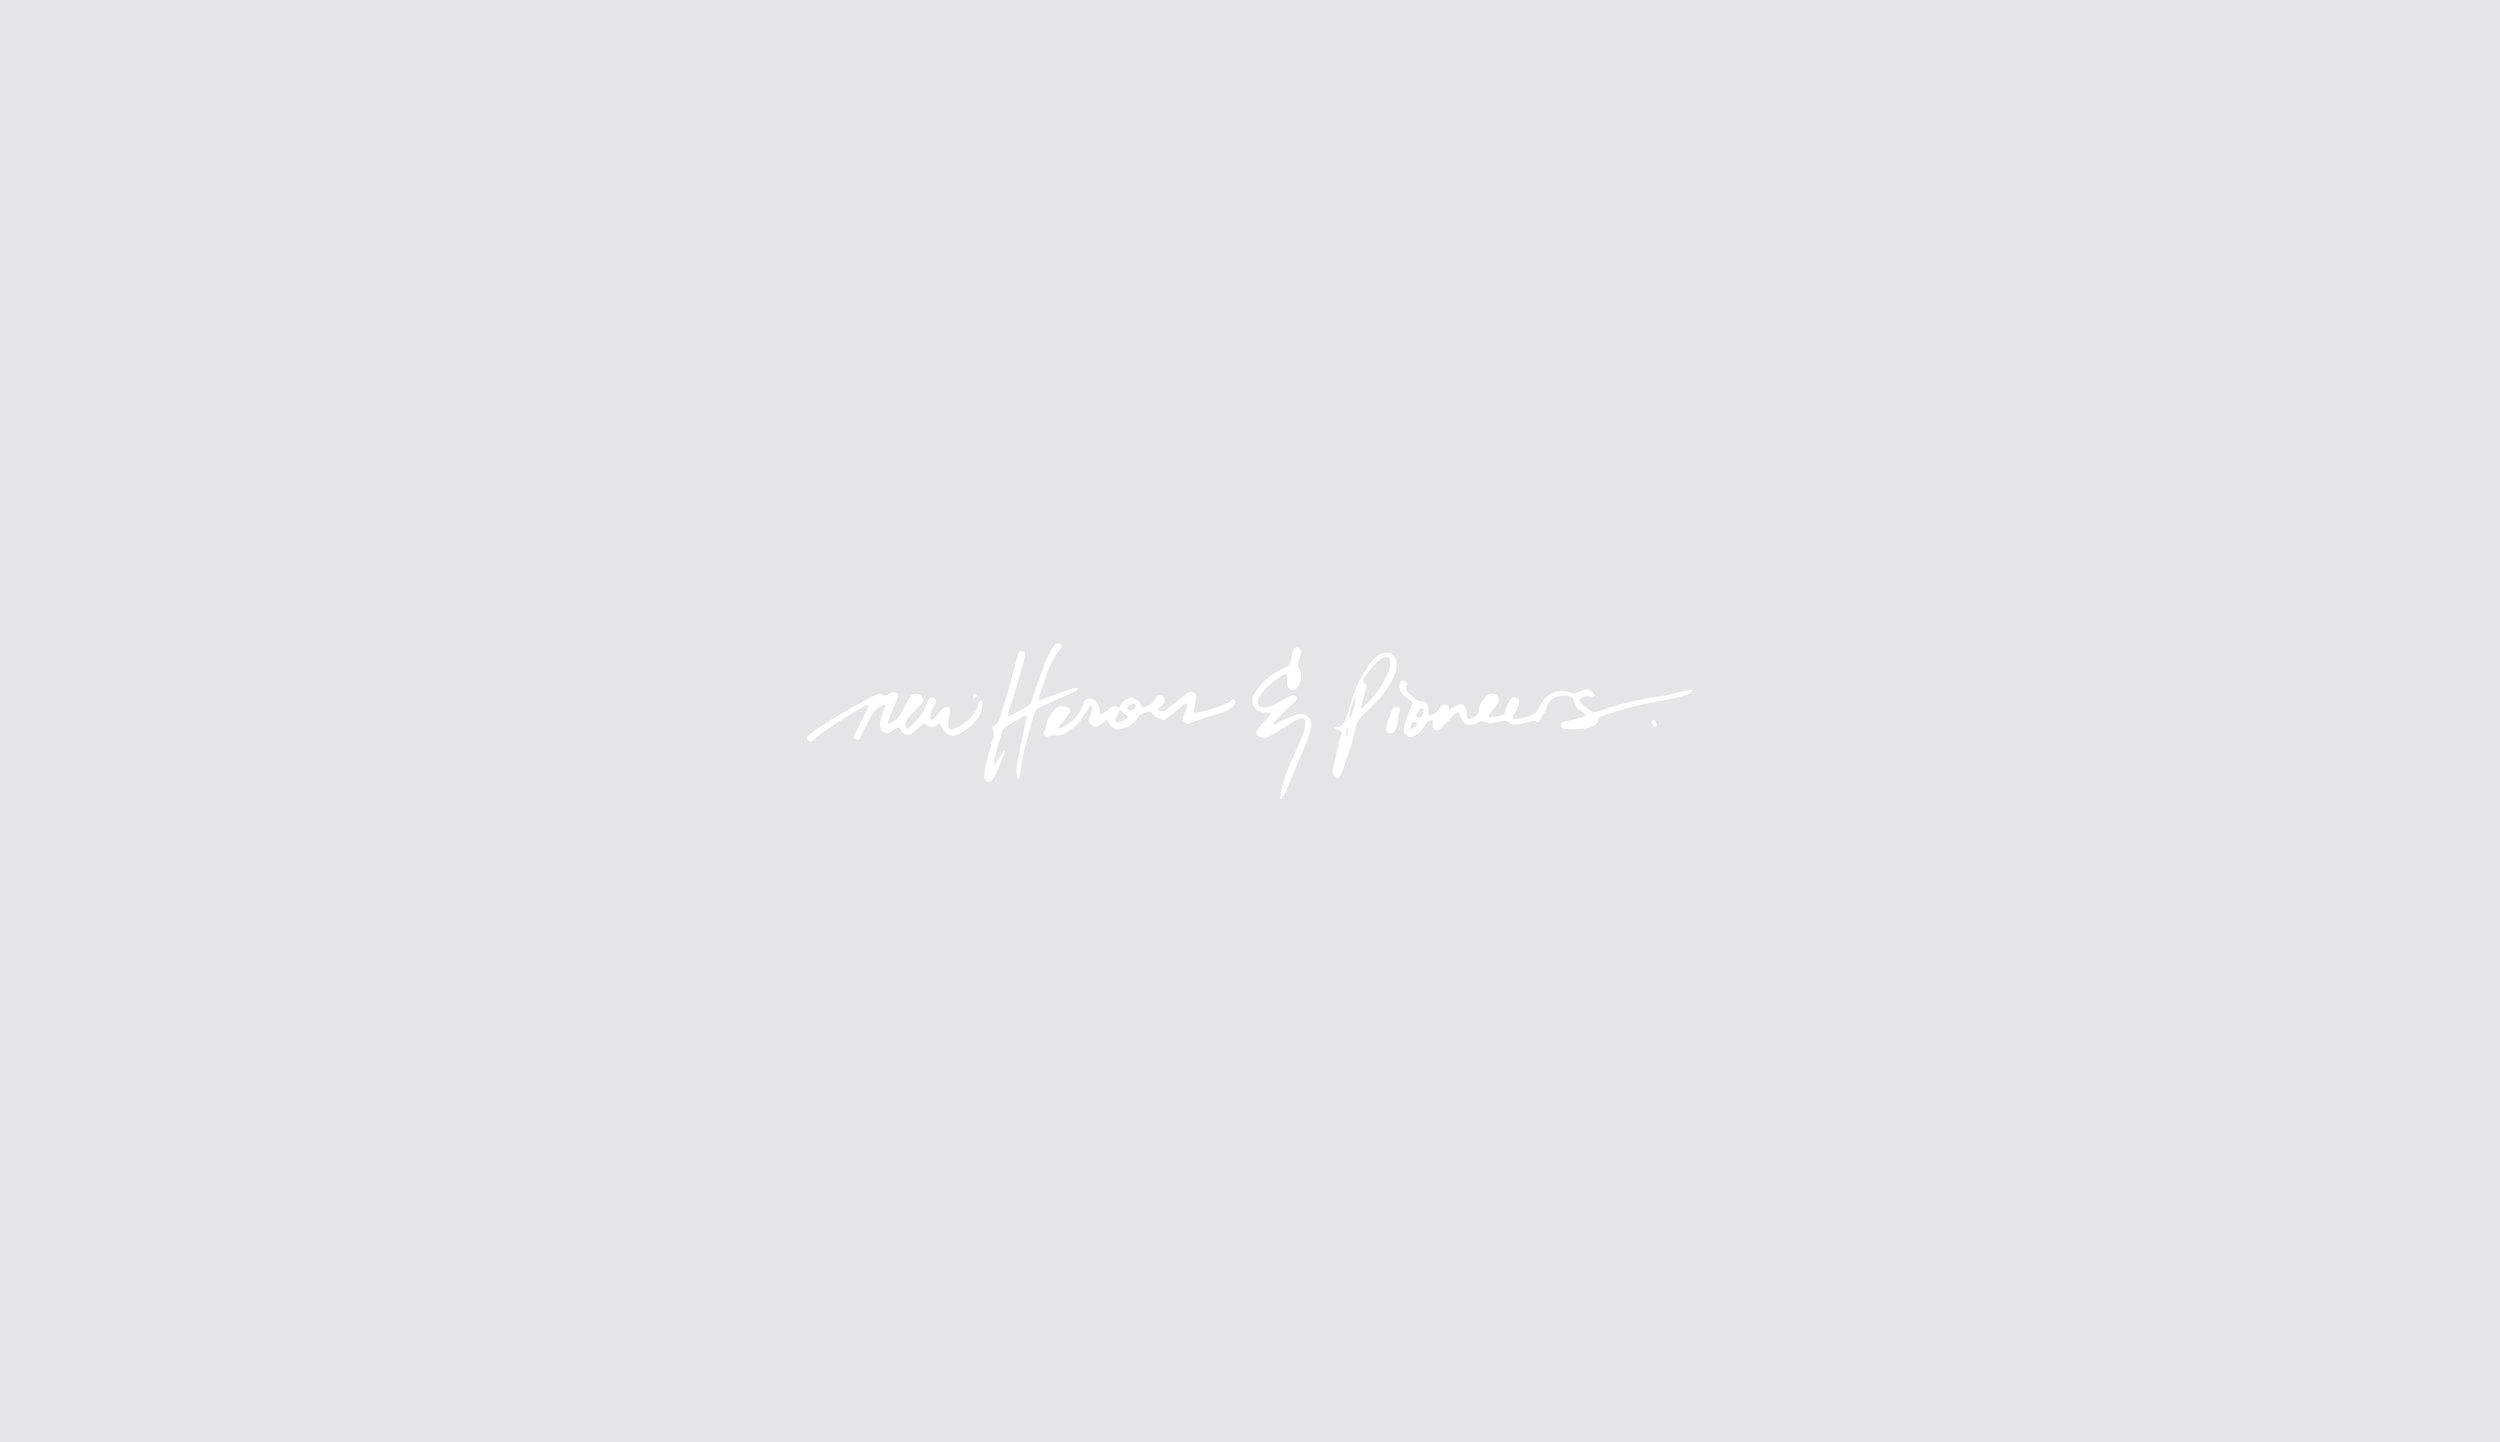 New Heroes and Pioneers.jpg